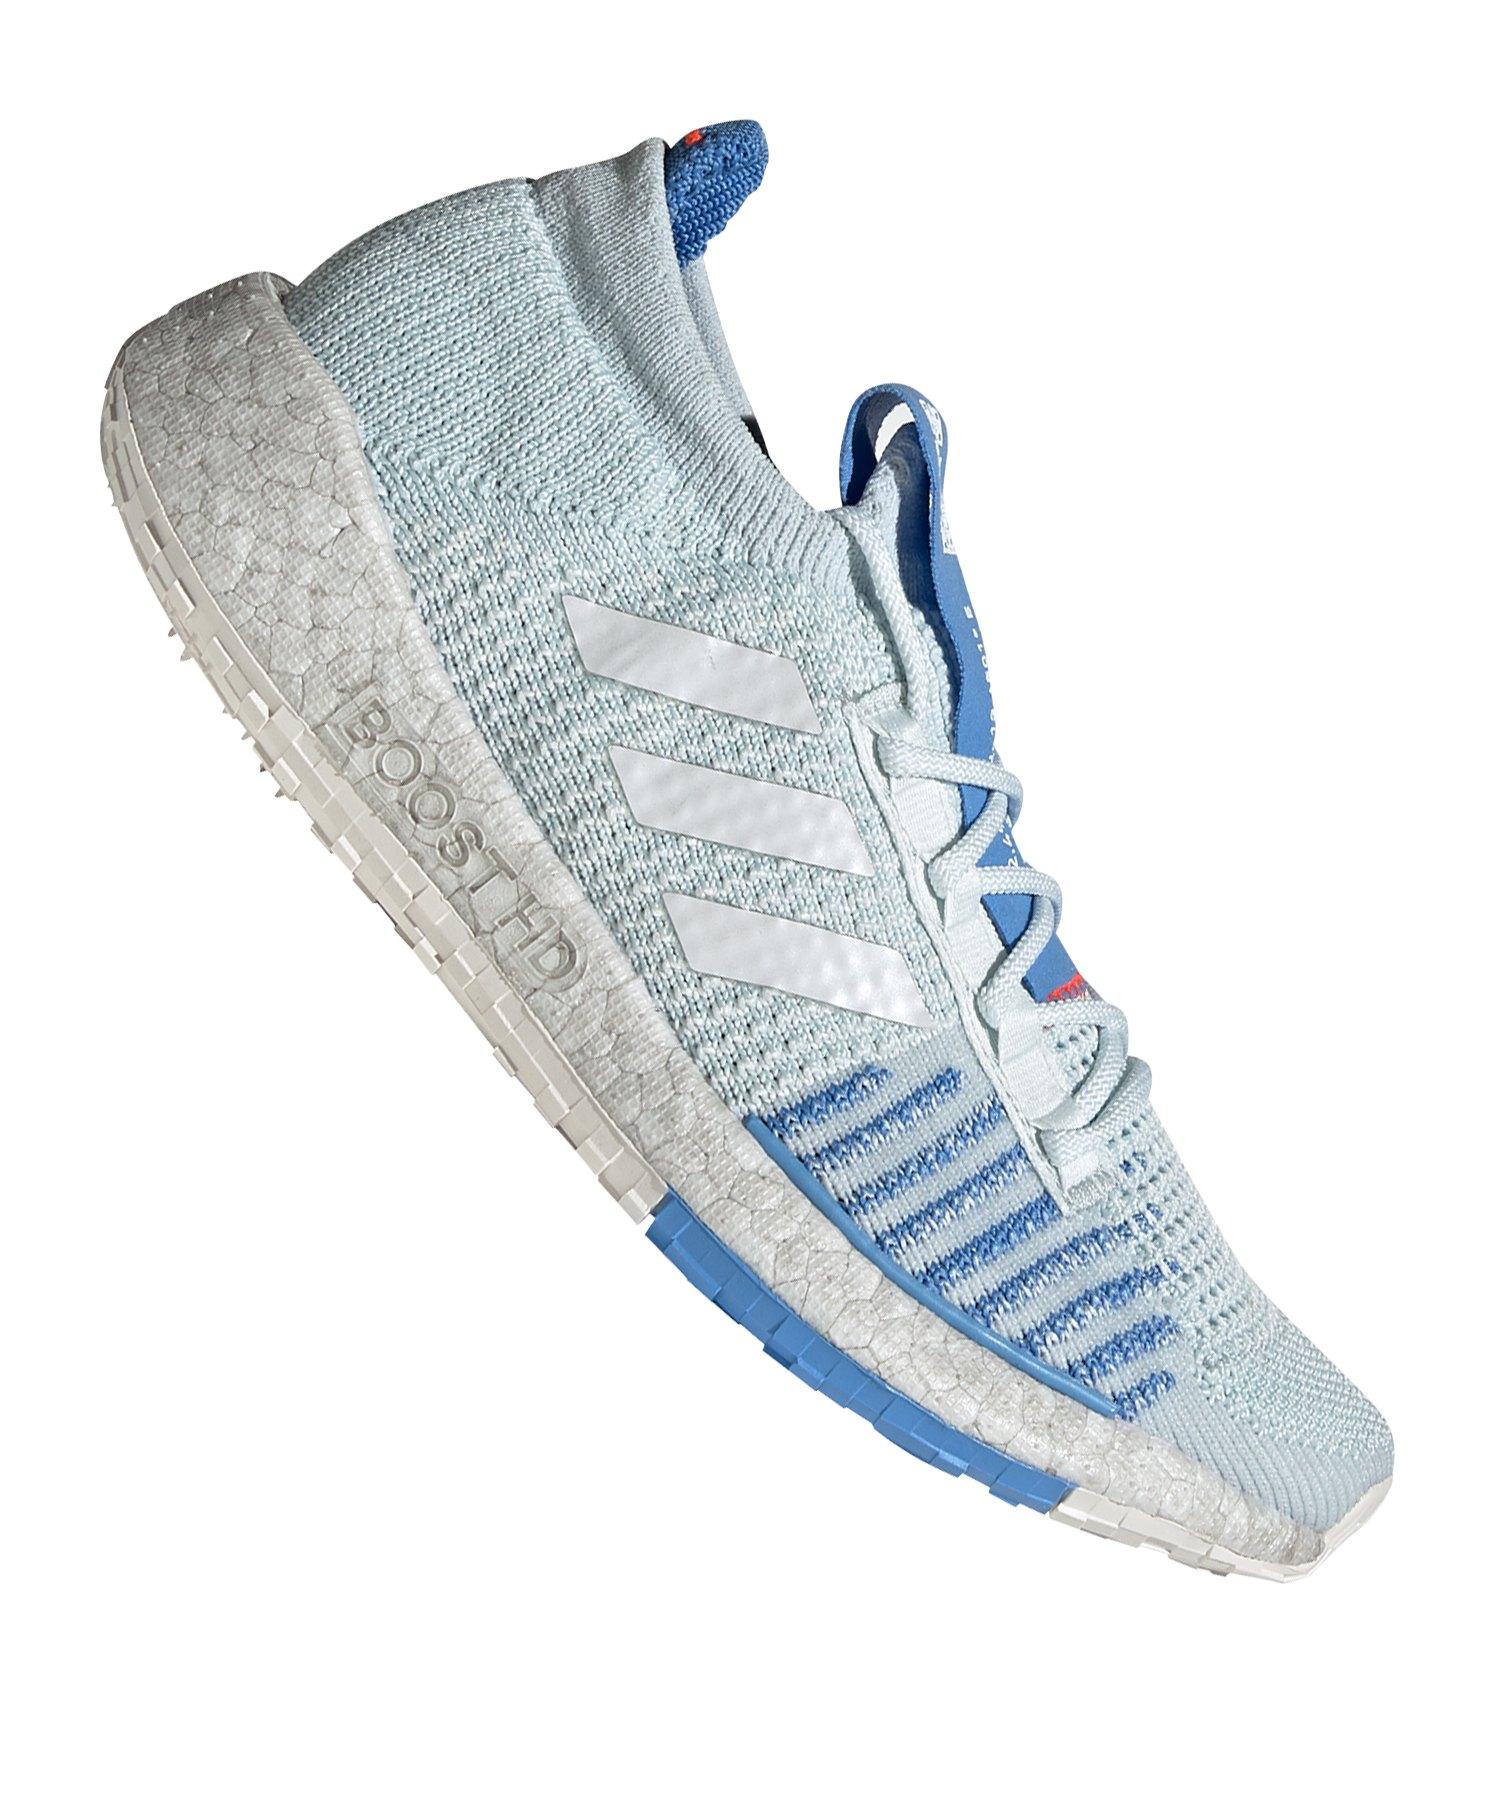 adidas Pulse Boost HD Running Damen Weiss Blau - weiss